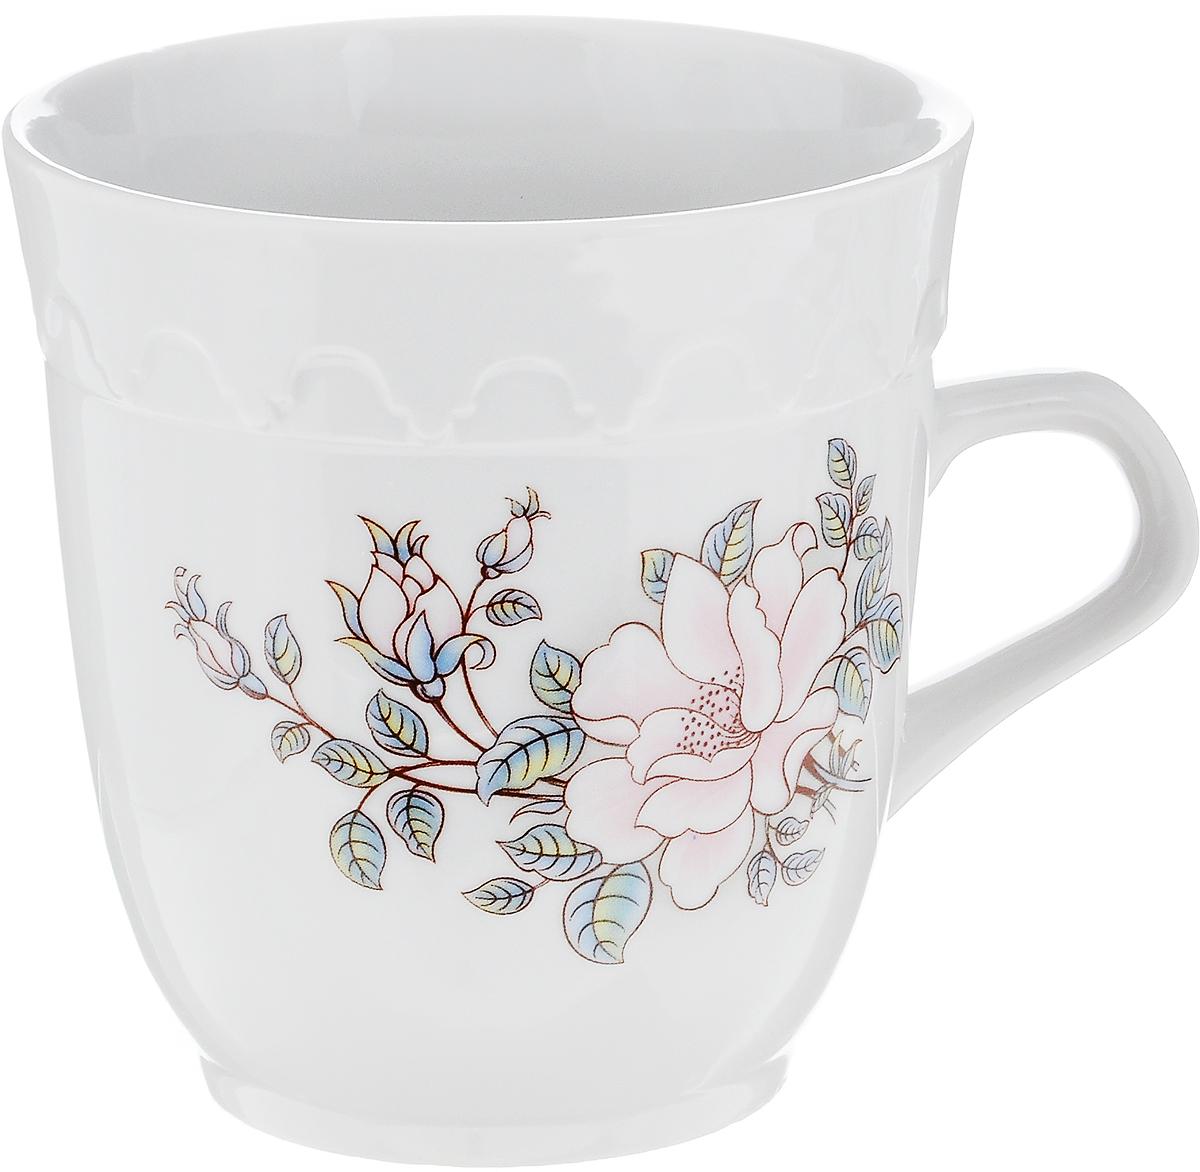 Кружка Фарфор Вербилок Арабеска. Микс. Розовые цветы, 250 мл115610Кружка Фарфор Вербилок Арабеска. Микс. Розовые цветы выполнена из высококачественного фарфора с глазурованным покрытием и оформлена оригинальным принтом. Посуда из фарфора позволяет сохранить истинный вкус напитка, а также помогает ему дольше оставаться теплым. Изделие оснащено удобной ручкой. Такая кружка прекрасно оформит стол к чаепитию и станет его неизменным атрибутом. Можно мыть в посудомоечной машине и использовать в СВЧ.Диаметр кружки (по верхнему краю): 8,5 см.Высота чашки: 9 см.